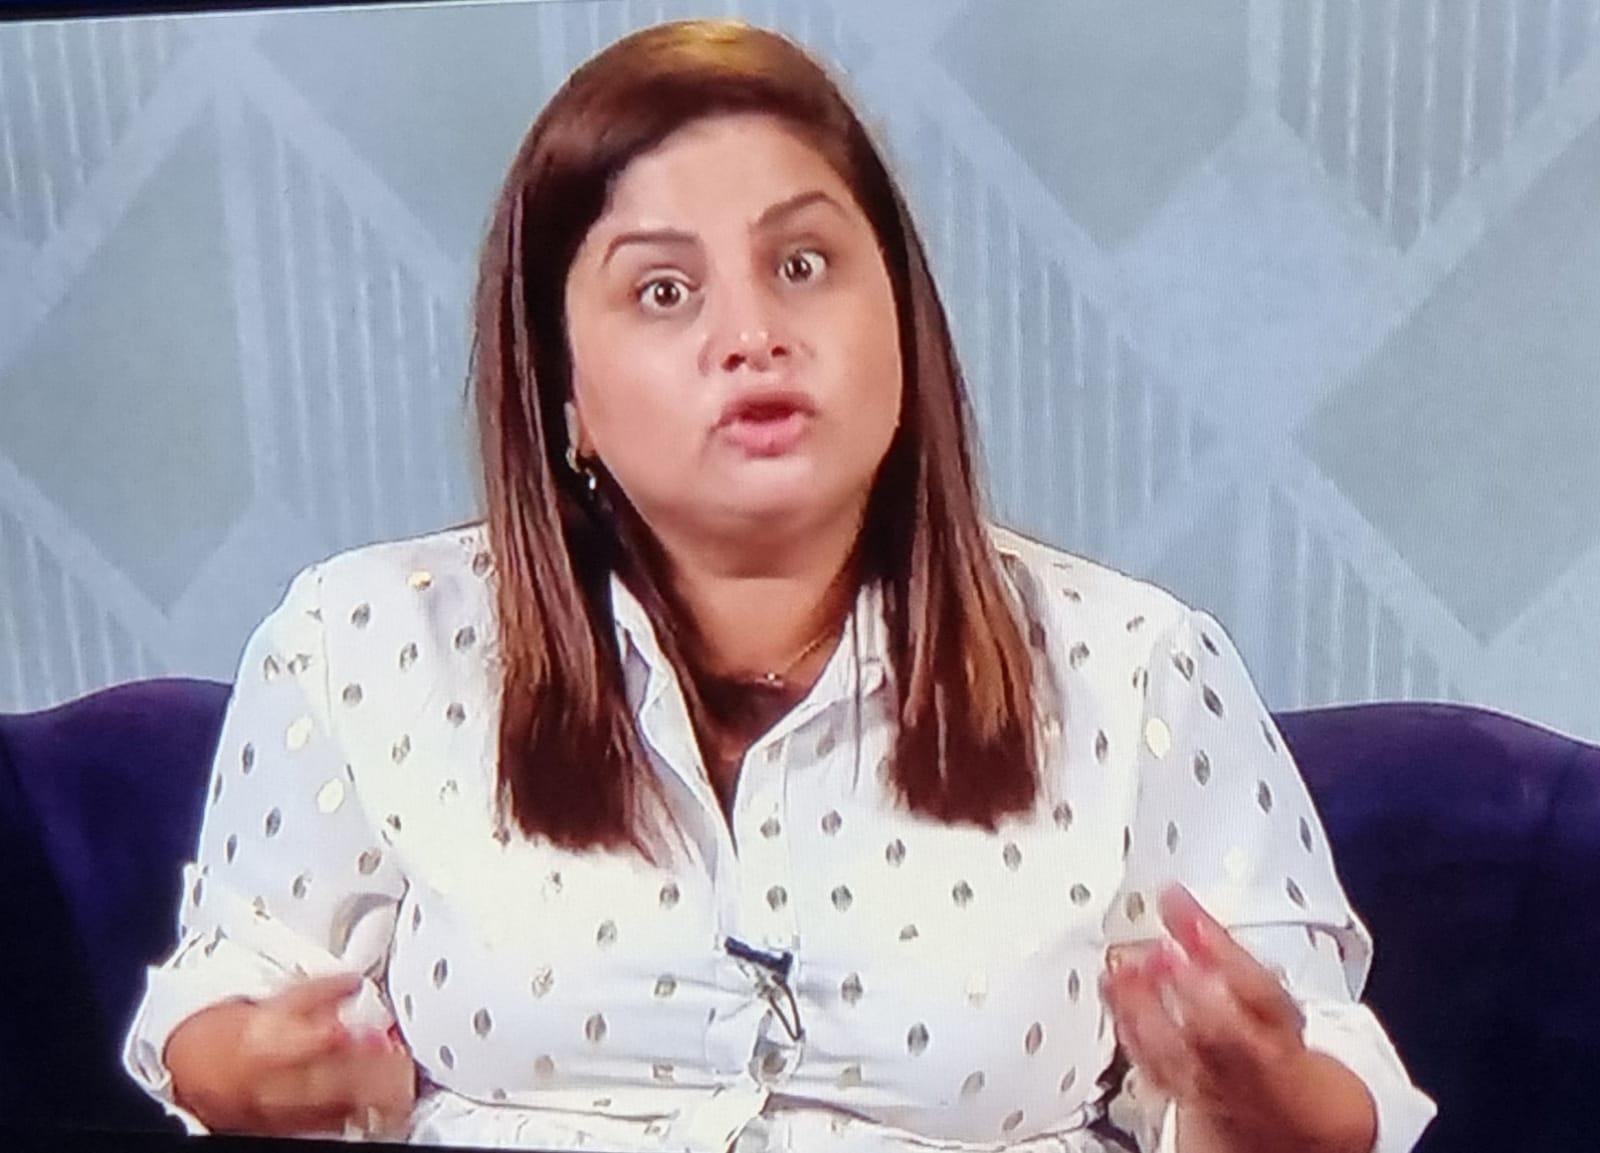 מאיה בצלאל עסיס